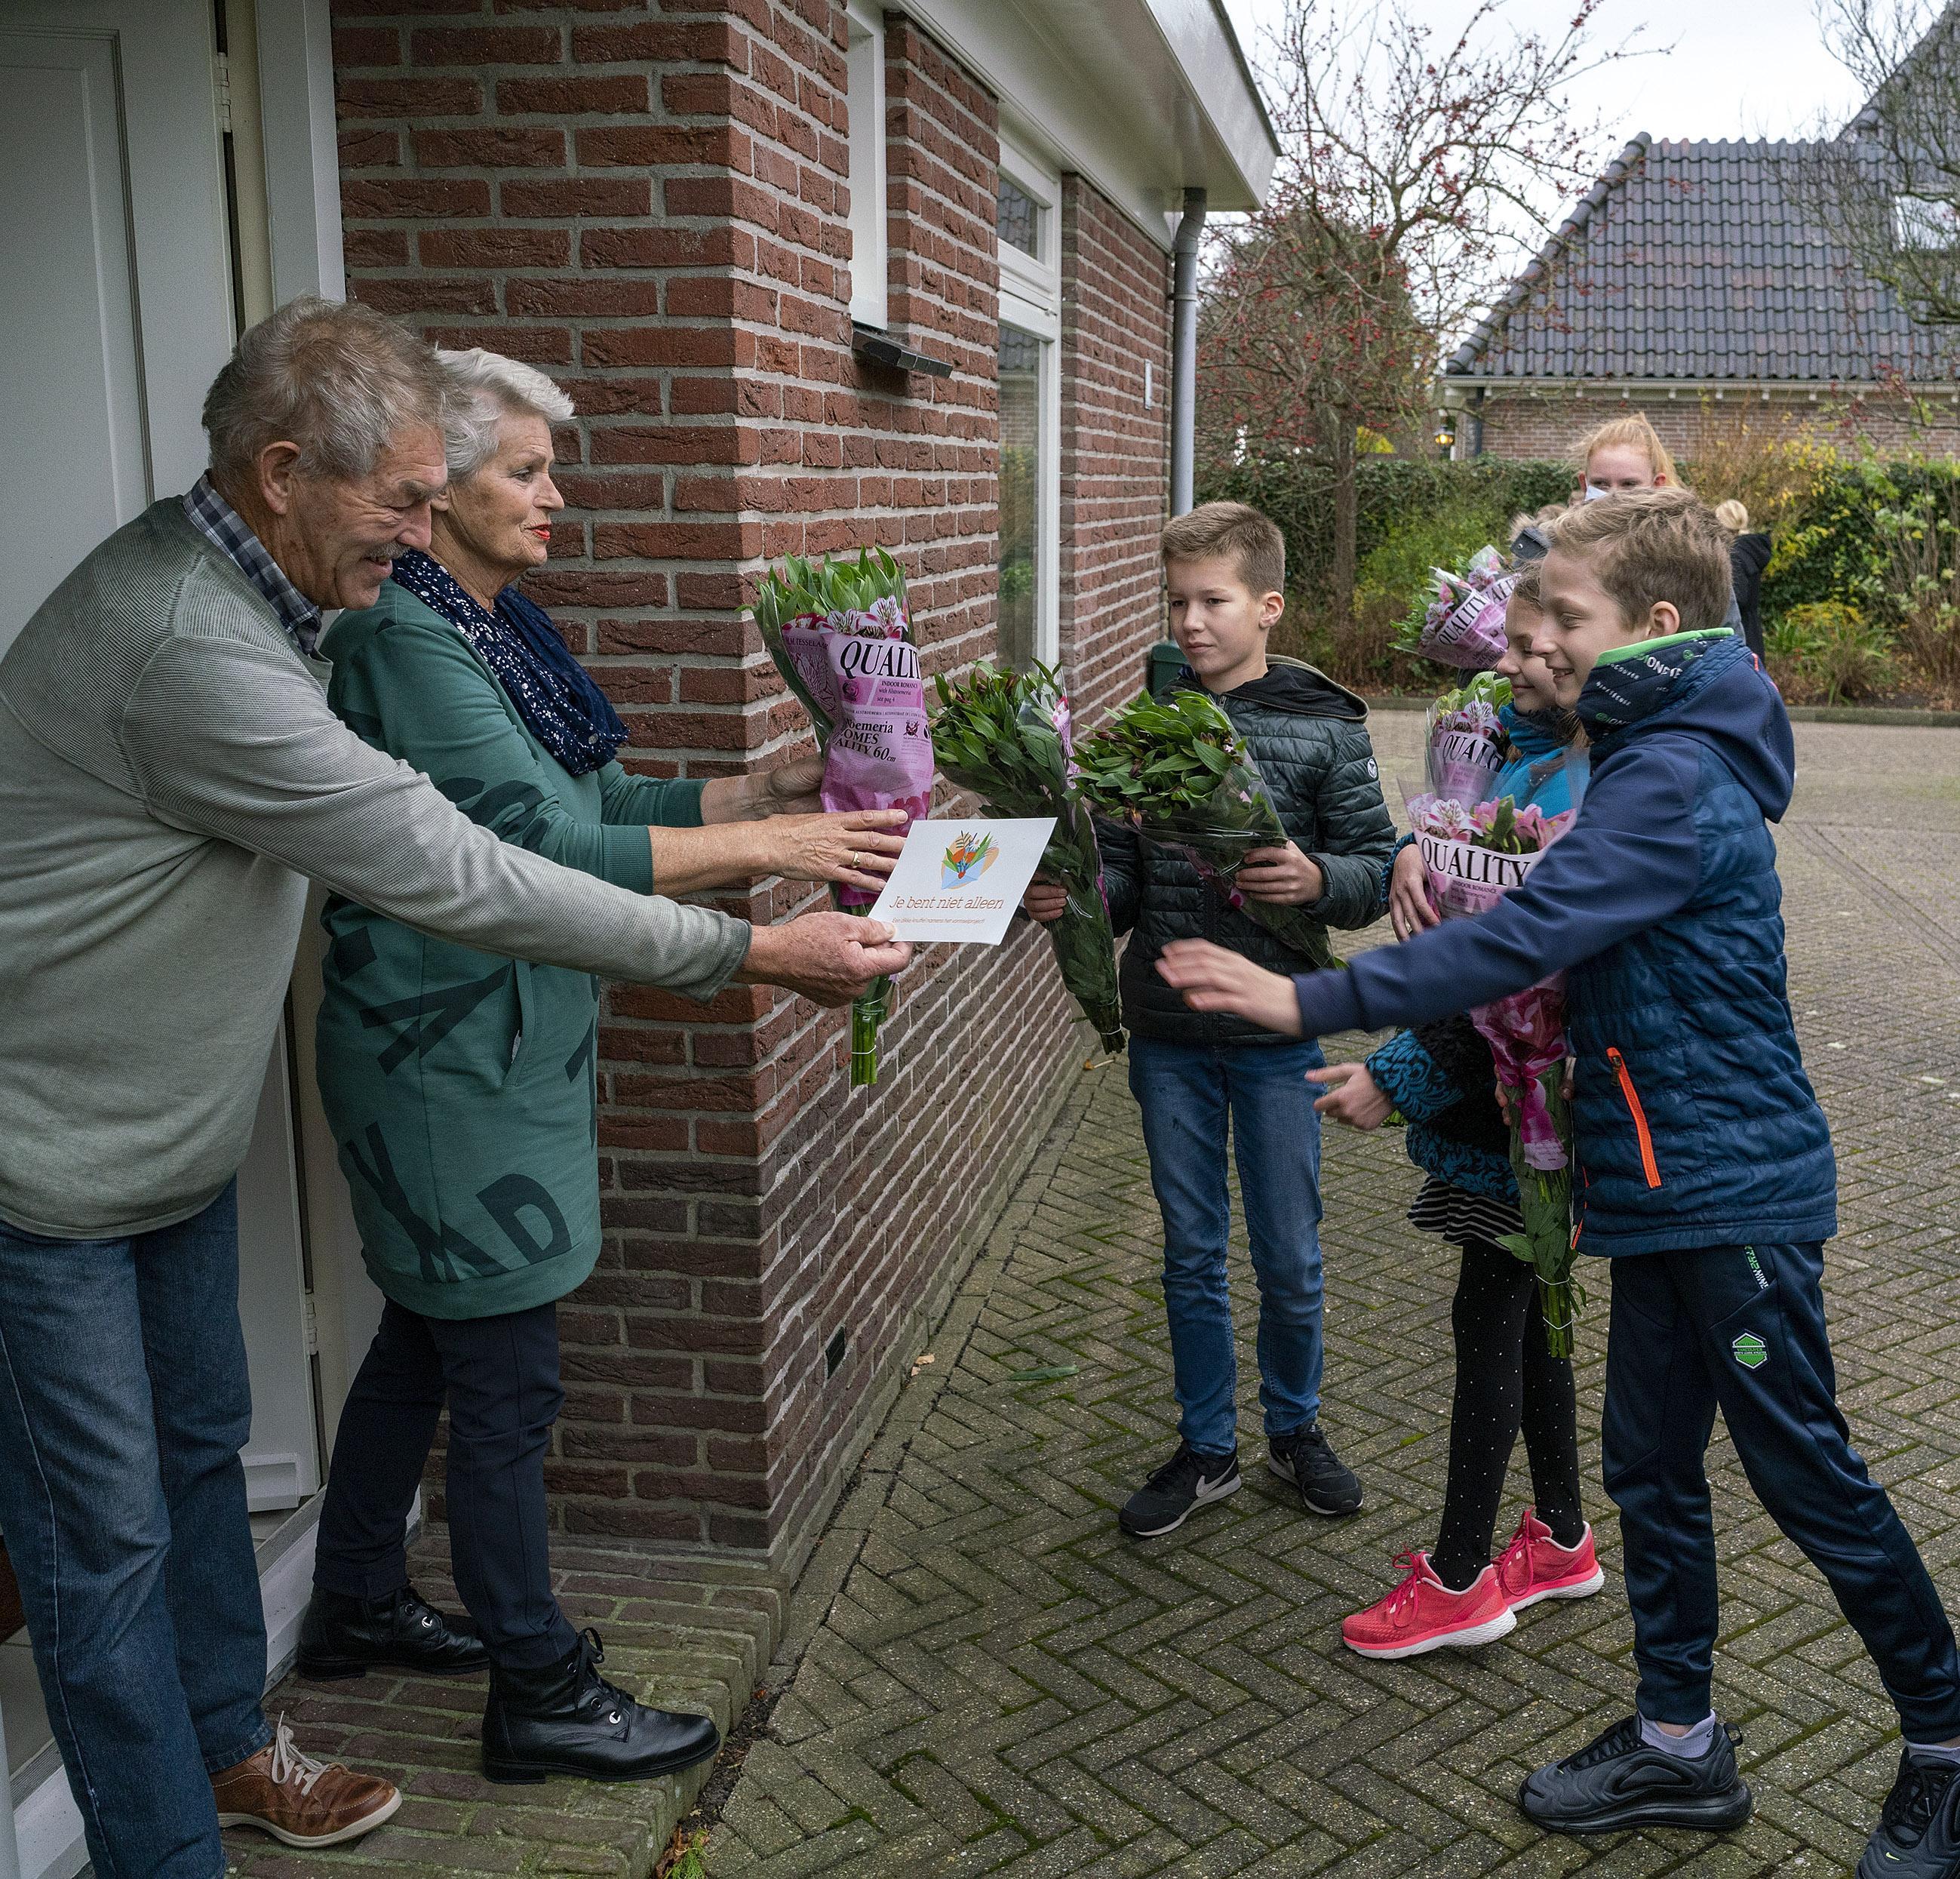 Vormselproject in Heerhugowaard-De Noord: Jongeren verrassen ouderen met bloemetje